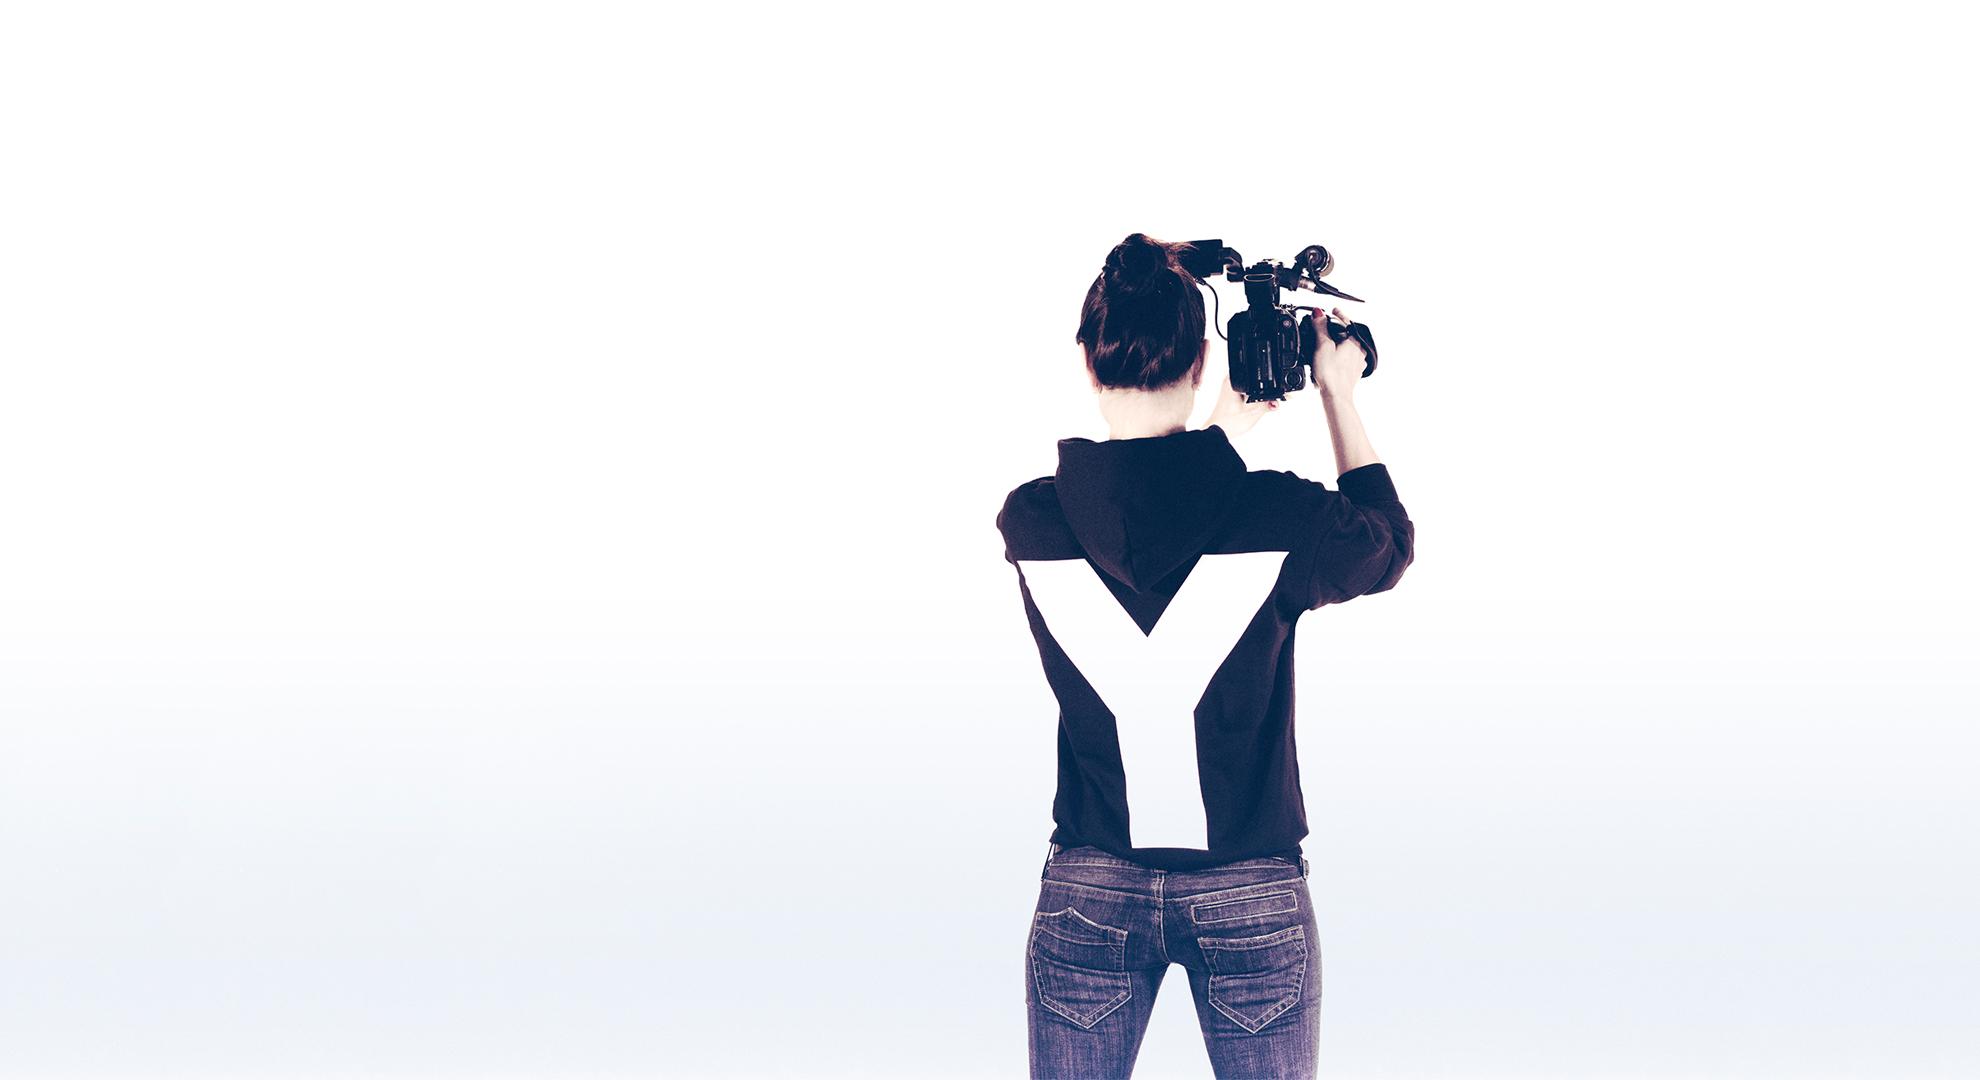 y-kollektiv-fotograf-christian-tipke-1